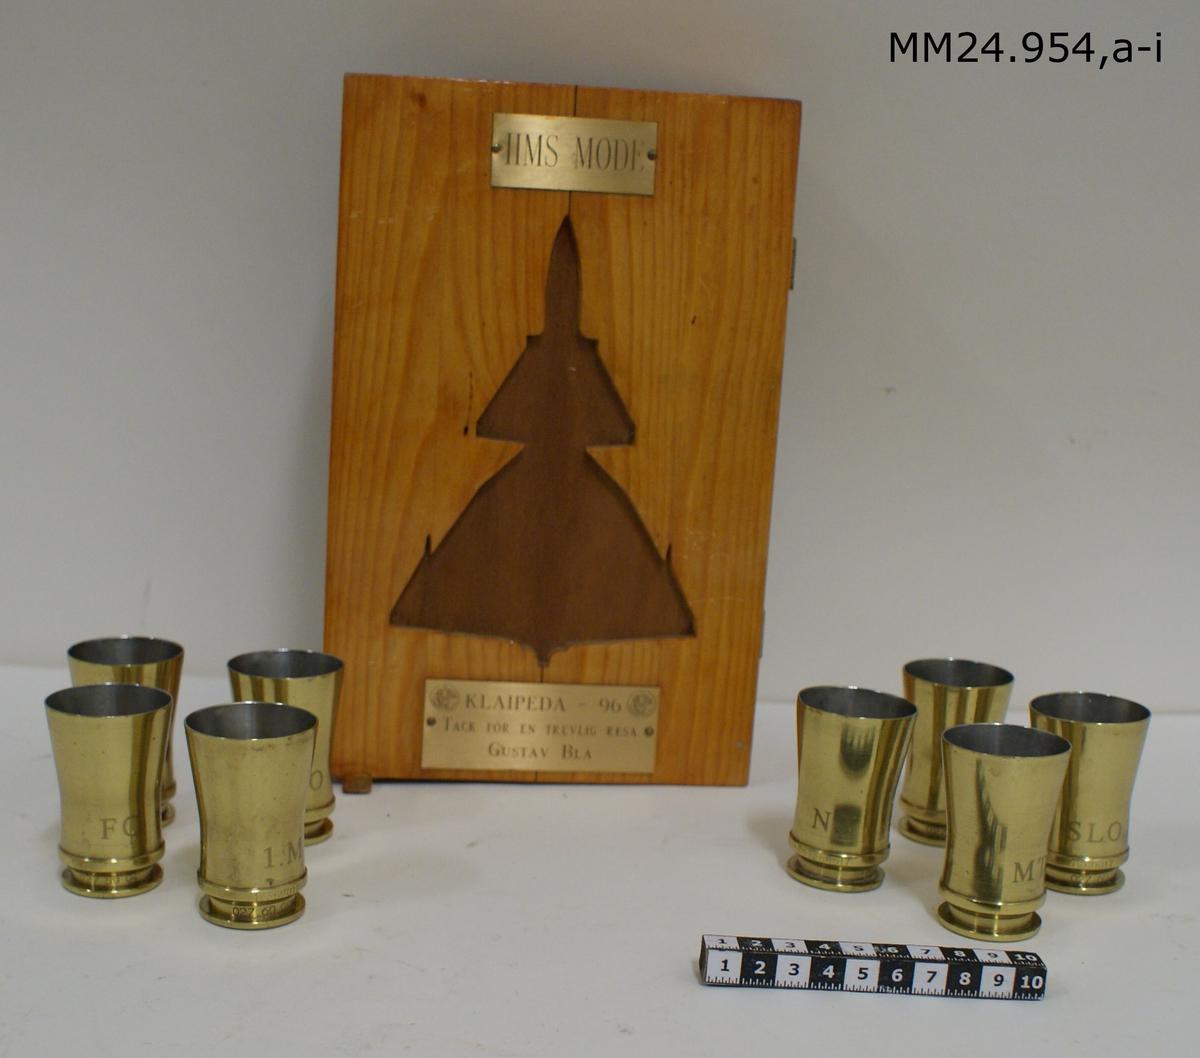 """Åtta stycken snapsglas gjora av avskurna tomhylsor. Snapsglasen märkta efter vilken befattningshavare de tillhör. Följande glas finns: a) FC b) 1.0 c) AO d) MTJC e) 1.M f) NS g) SLO h) PB Förvaras i en trälåda (i). På lådans lock en JA 37 Viggen utskuren. Metallskylt högst upp på locket: """"HMS MODE"""". Metallskylt längst ner på locket: """"KLAIPEDA -96. TACK FÖR EN TREVLIGT RESA. GUSTAV BLÅ"""""""